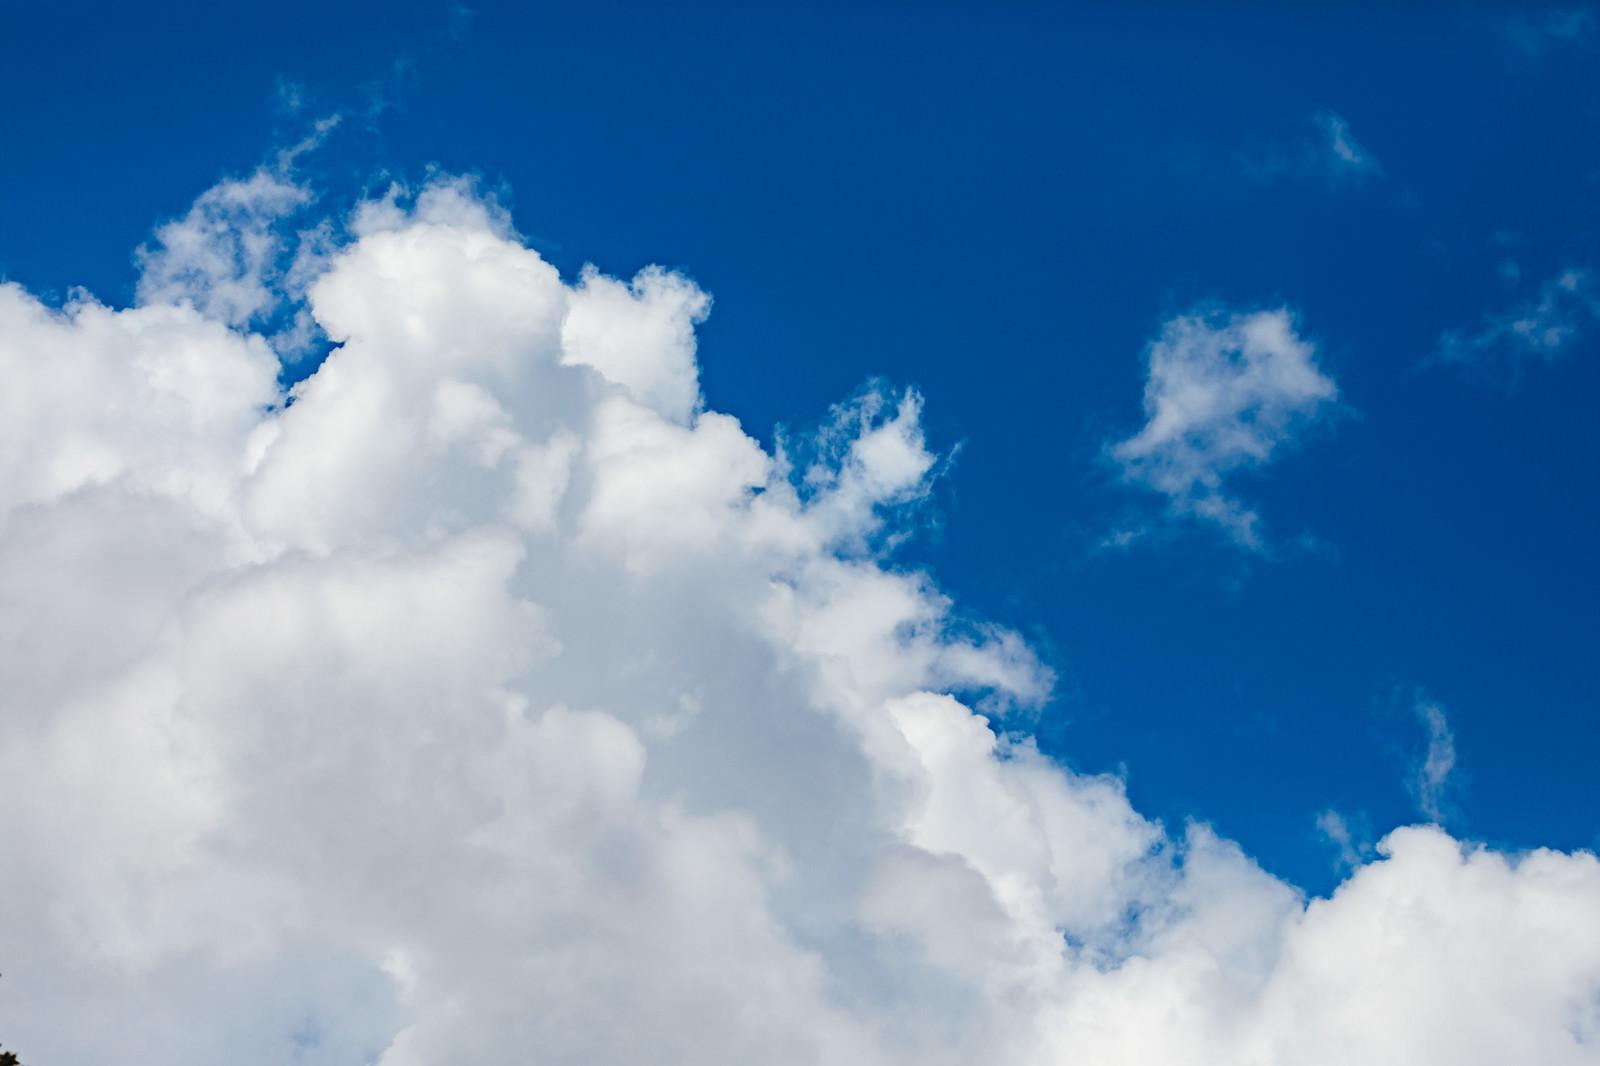 「青空に広がる雲青空に広がる雲」のフリー写真素材を拡大